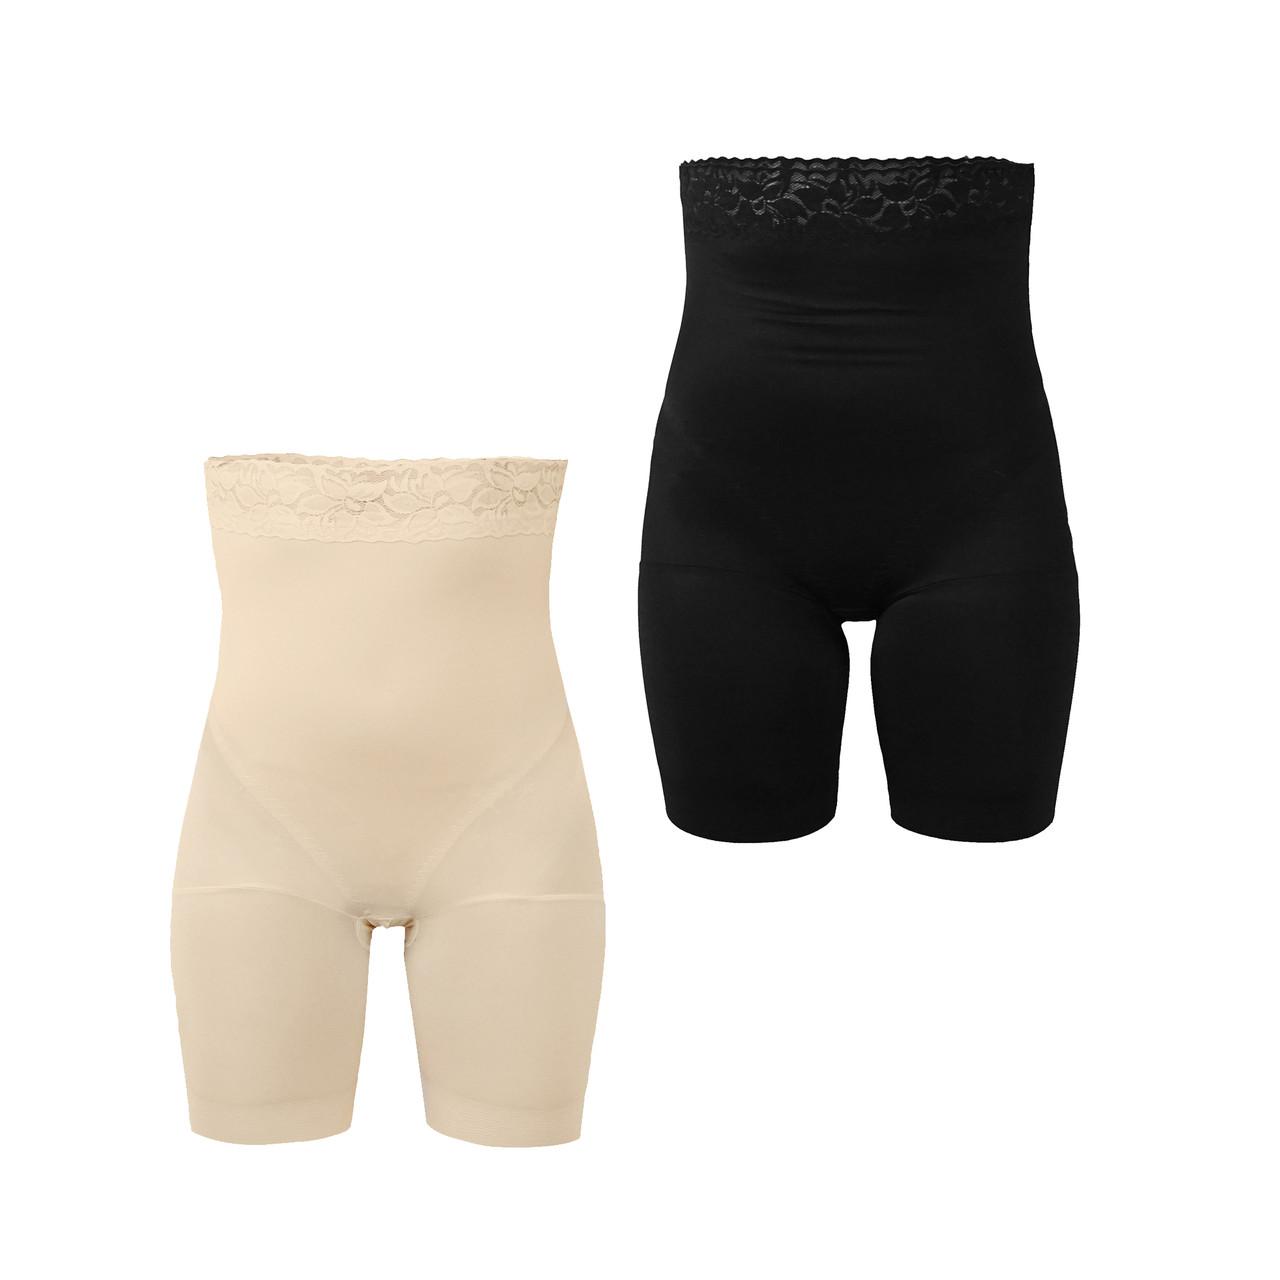 Набор белья для коррекции фигуры (черный и бежевый), размер ХL